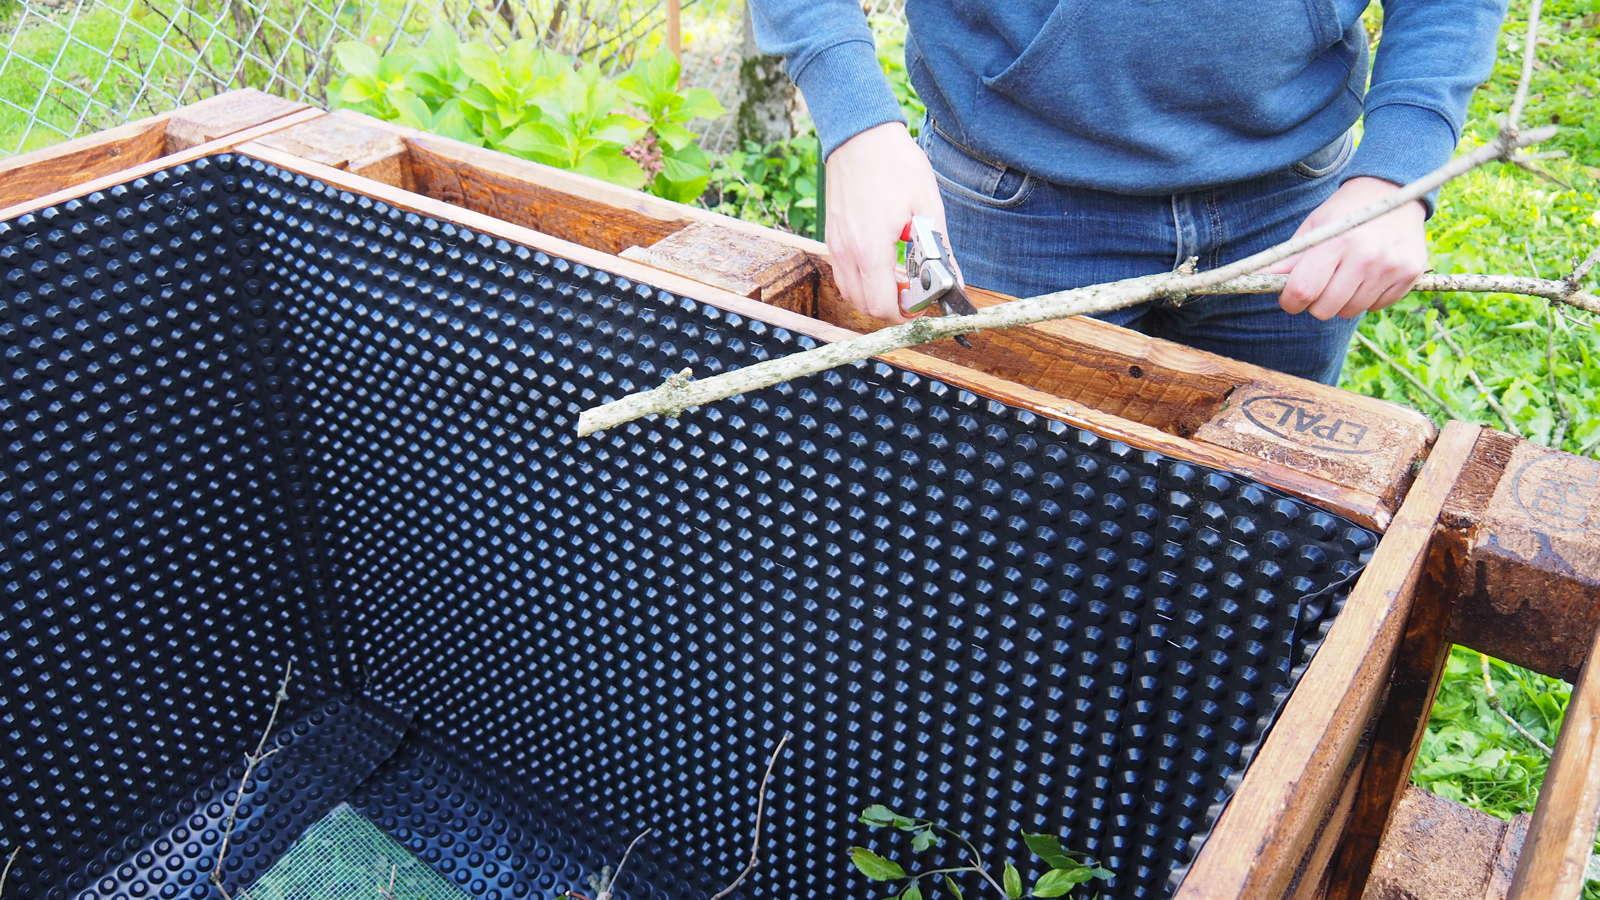 Hochbeet Befüllen Anleitung Expertentipps Plantura